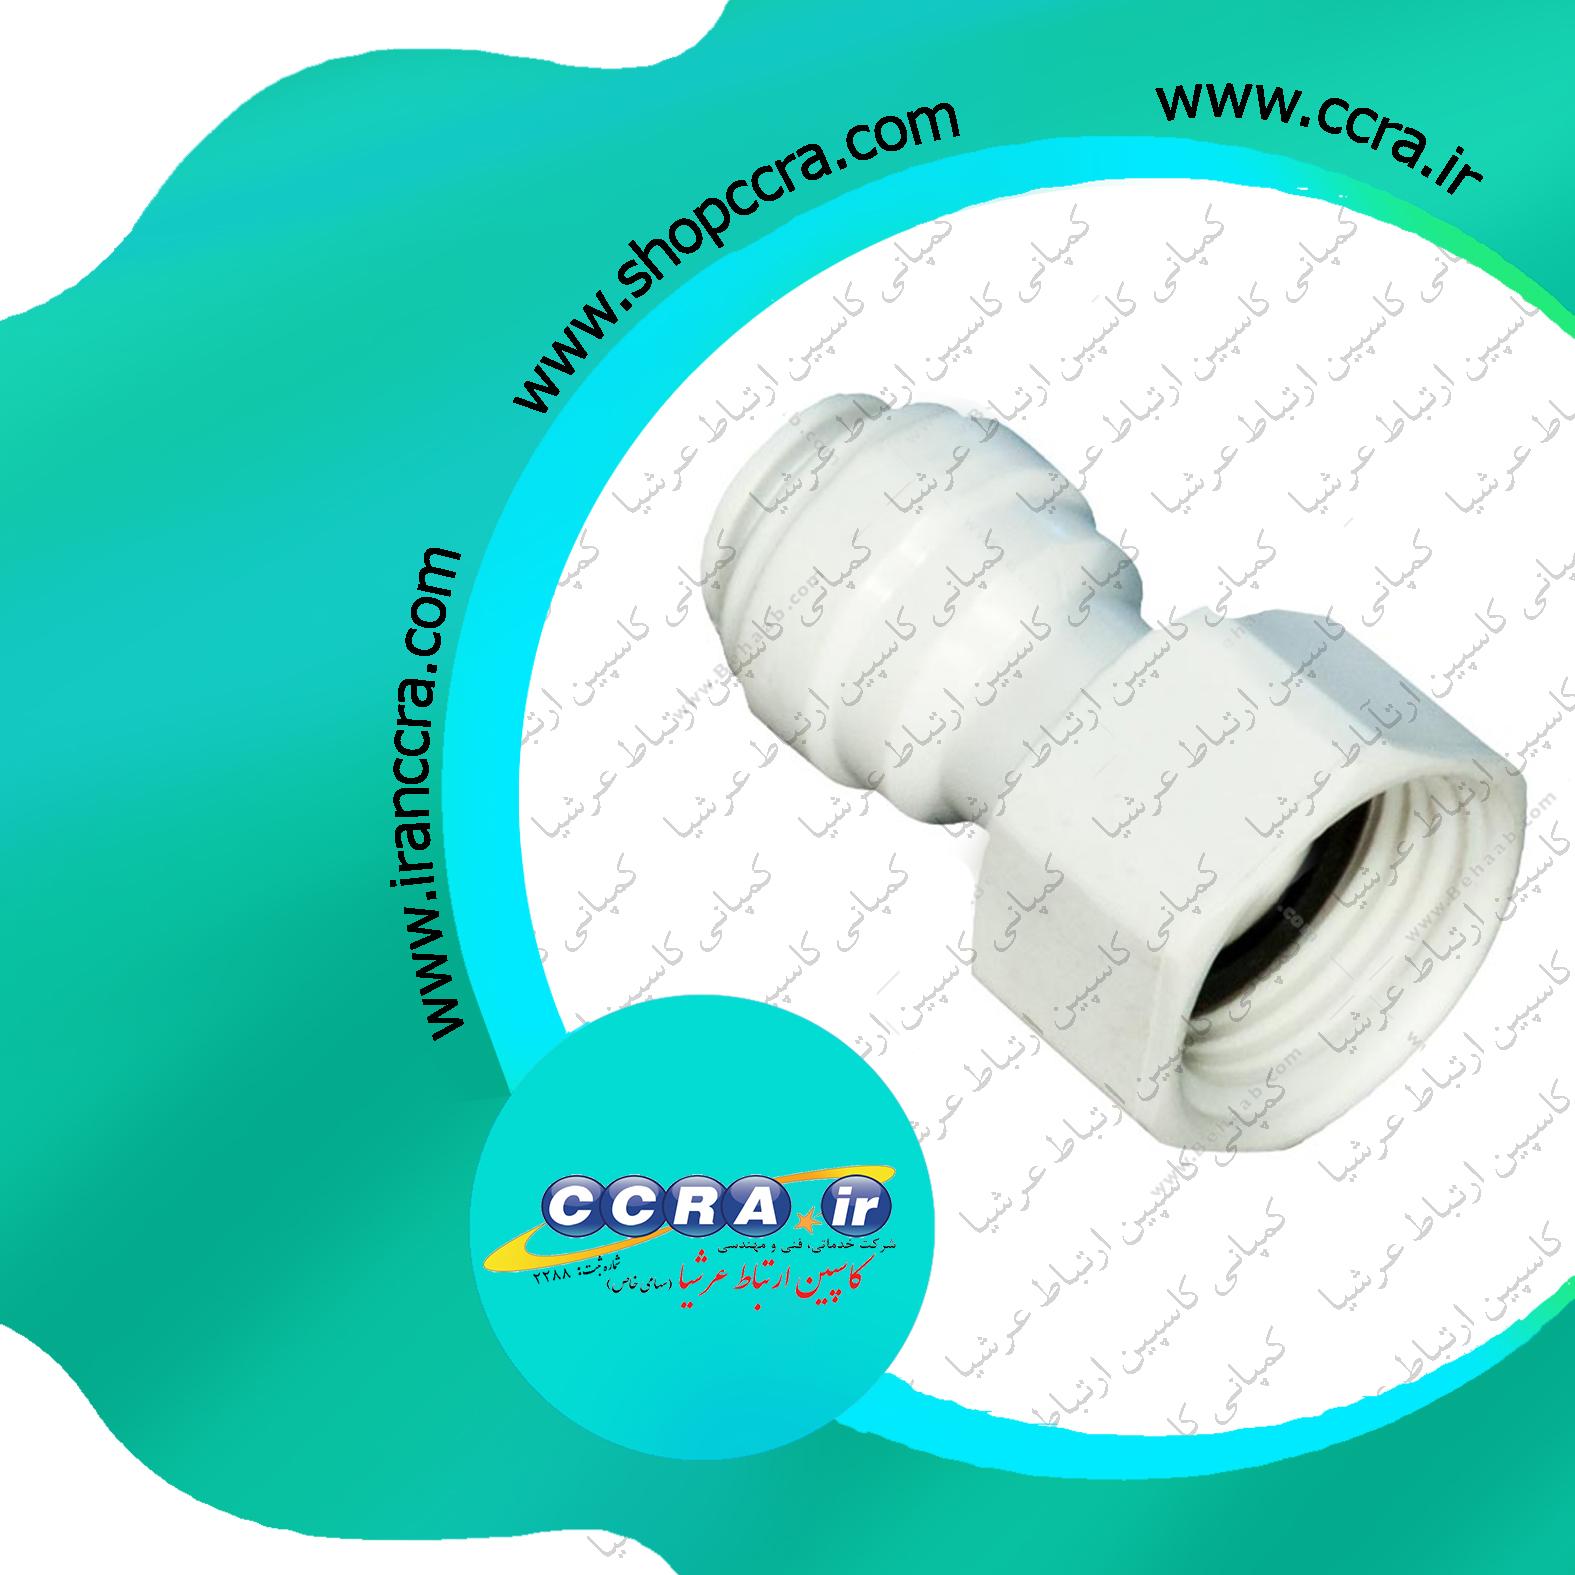 اتصال تبدیل فیتینگی شیر برداشت در دستگاه های تصفیه آب خانگی پیوری واتر